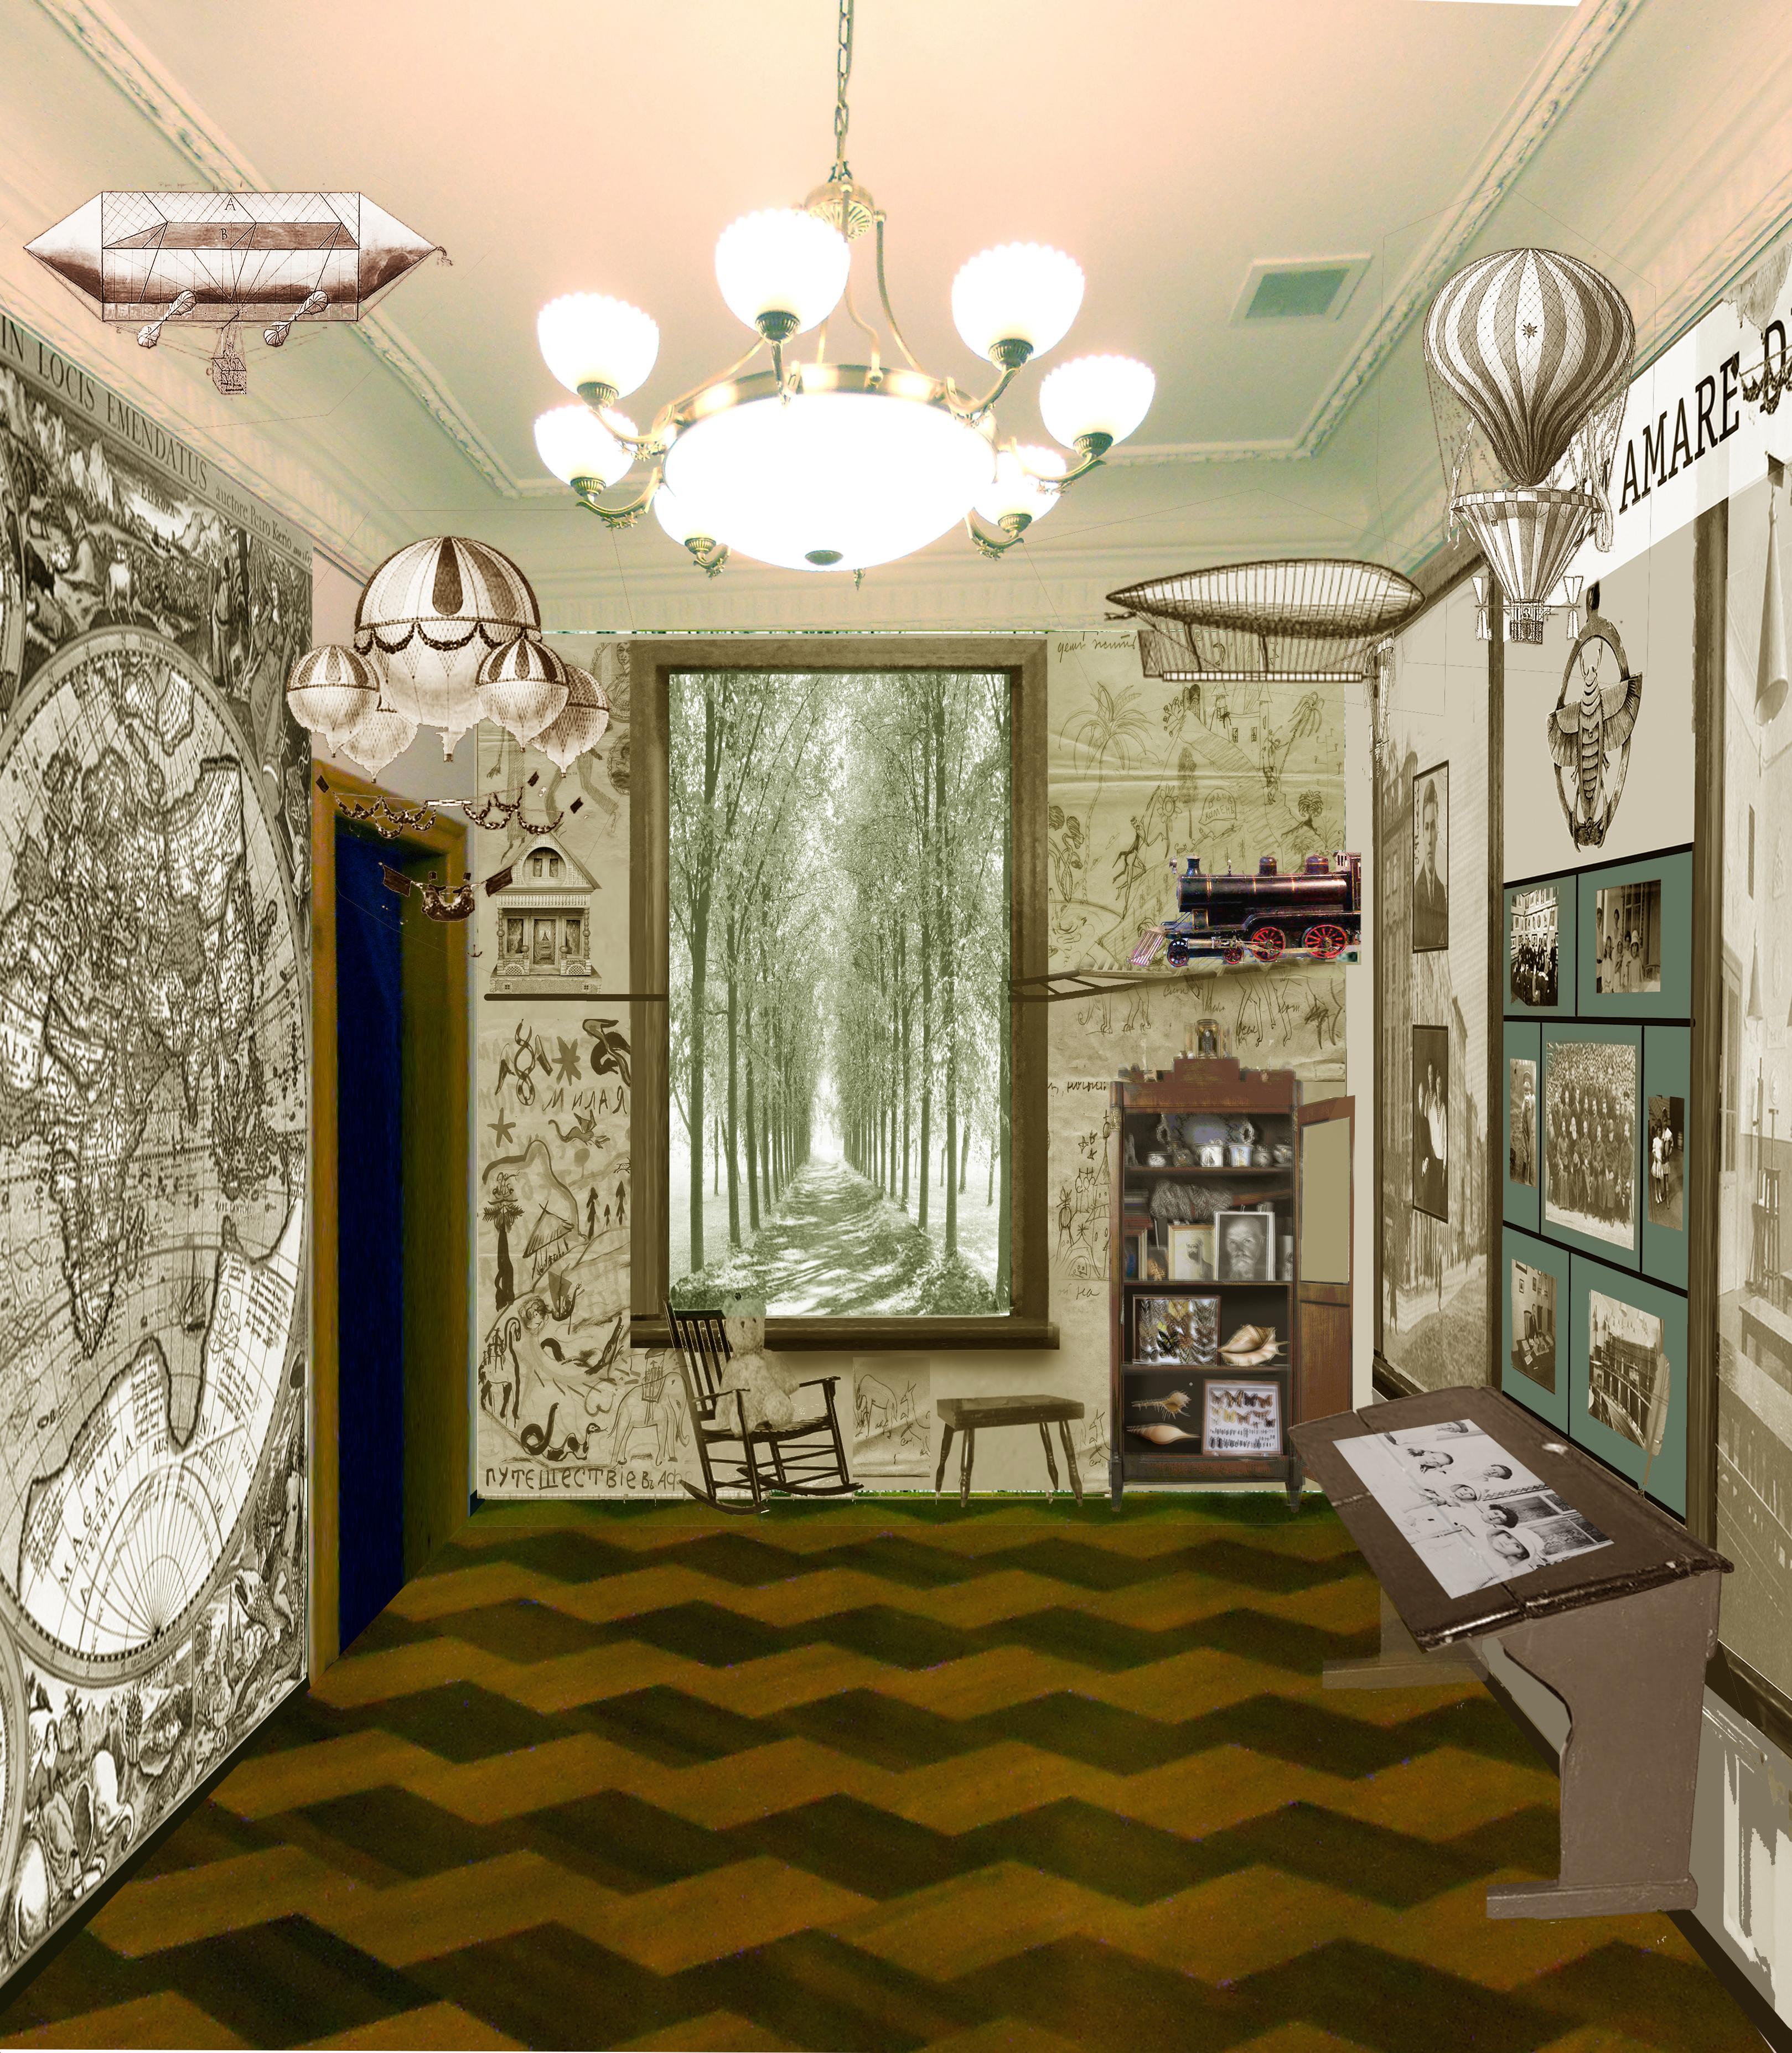 Дизайн проектирование: эскиз раздела «В начале великого пути» - детские и школьные годы Юрия и Святослава Рерихов.